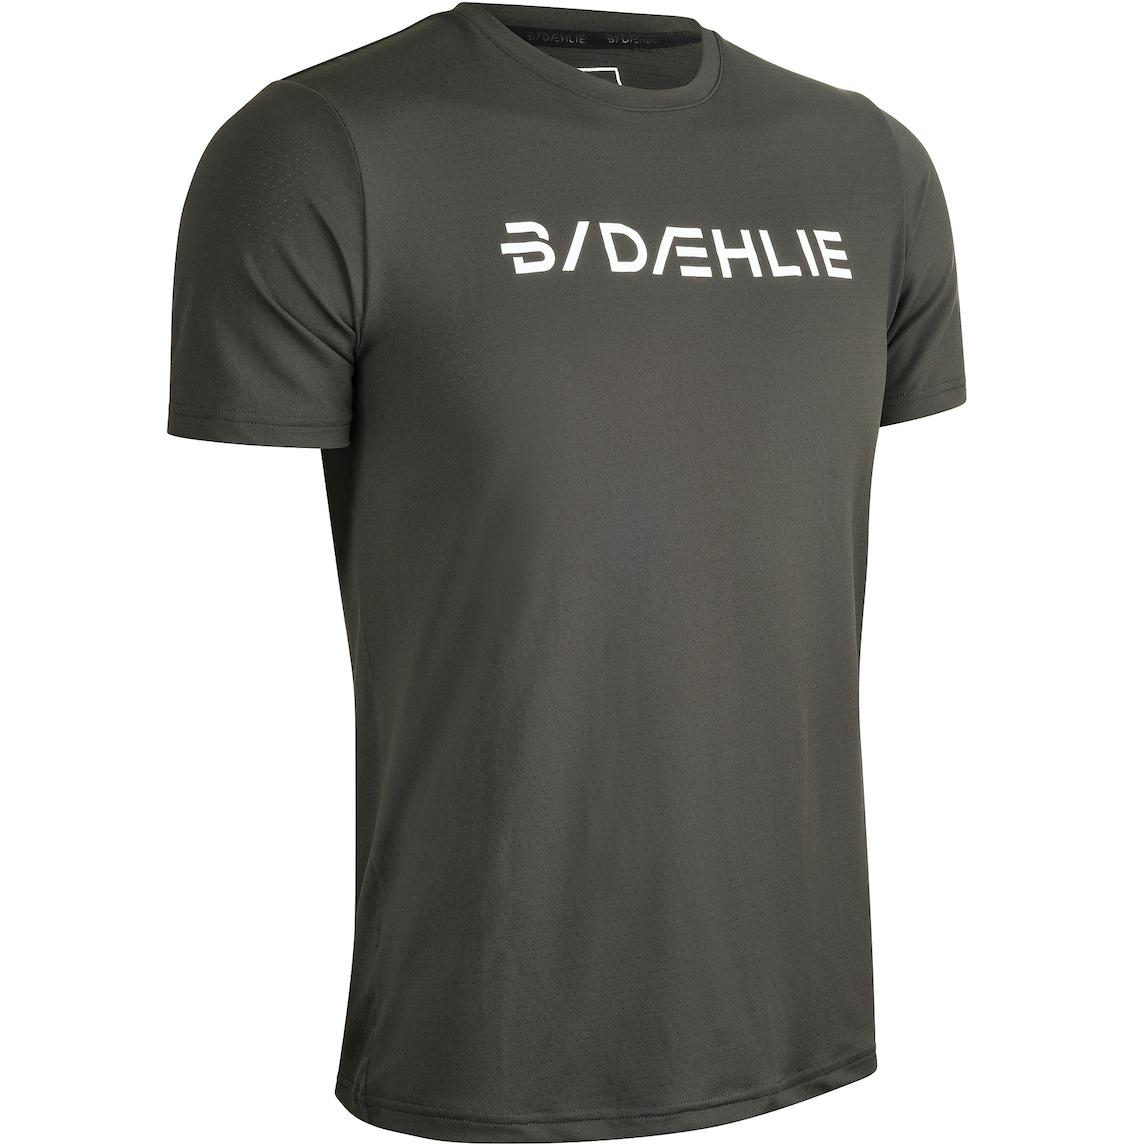 Bilde av Dæhlie t-shirt Focus 9810R obsidian 332541